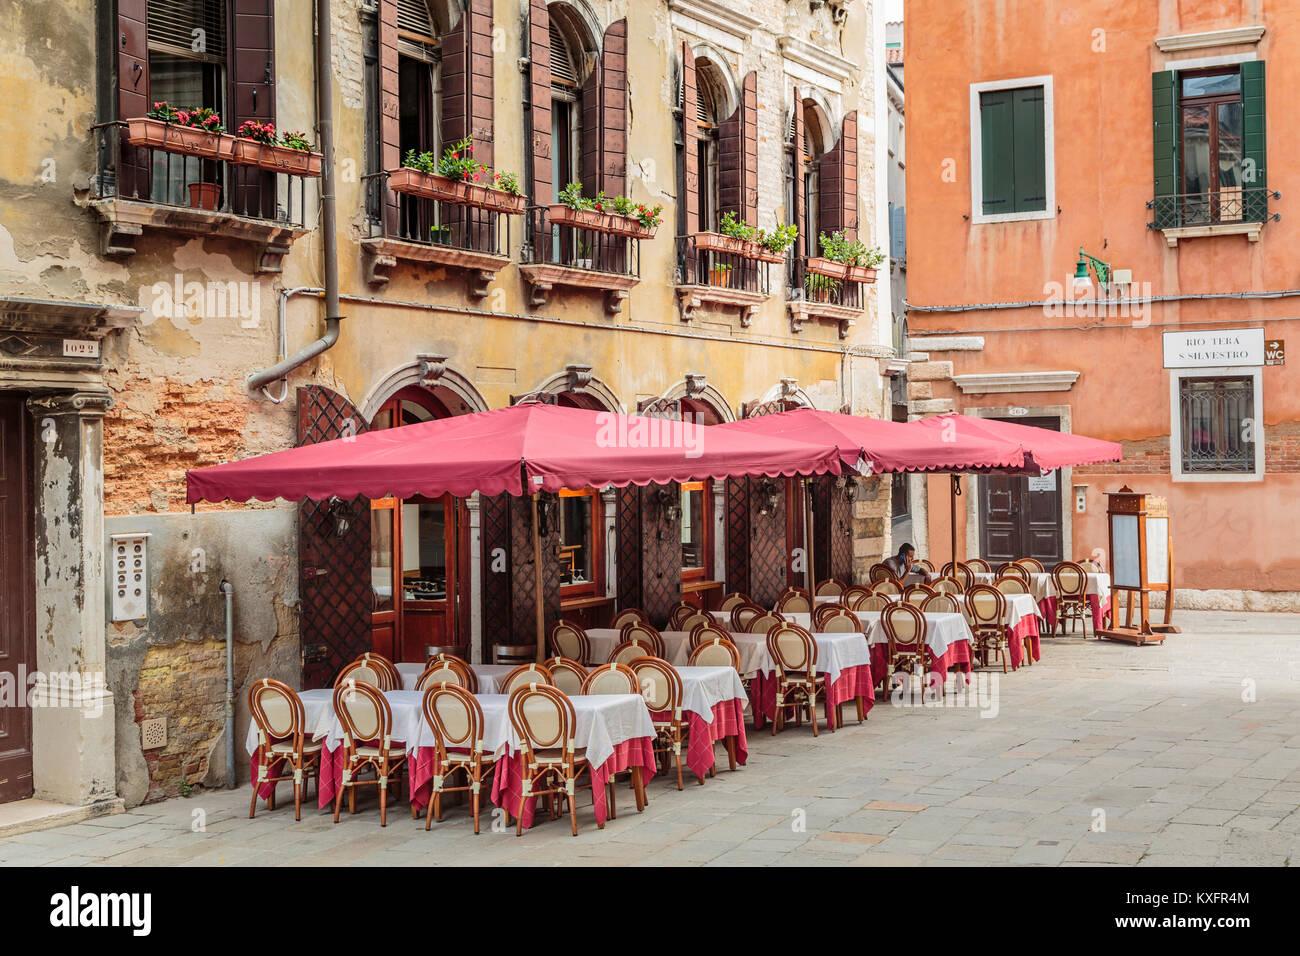 Ein Restaurant im Freien, in Veneto, Venedig, Italien, Europa. Stockbild